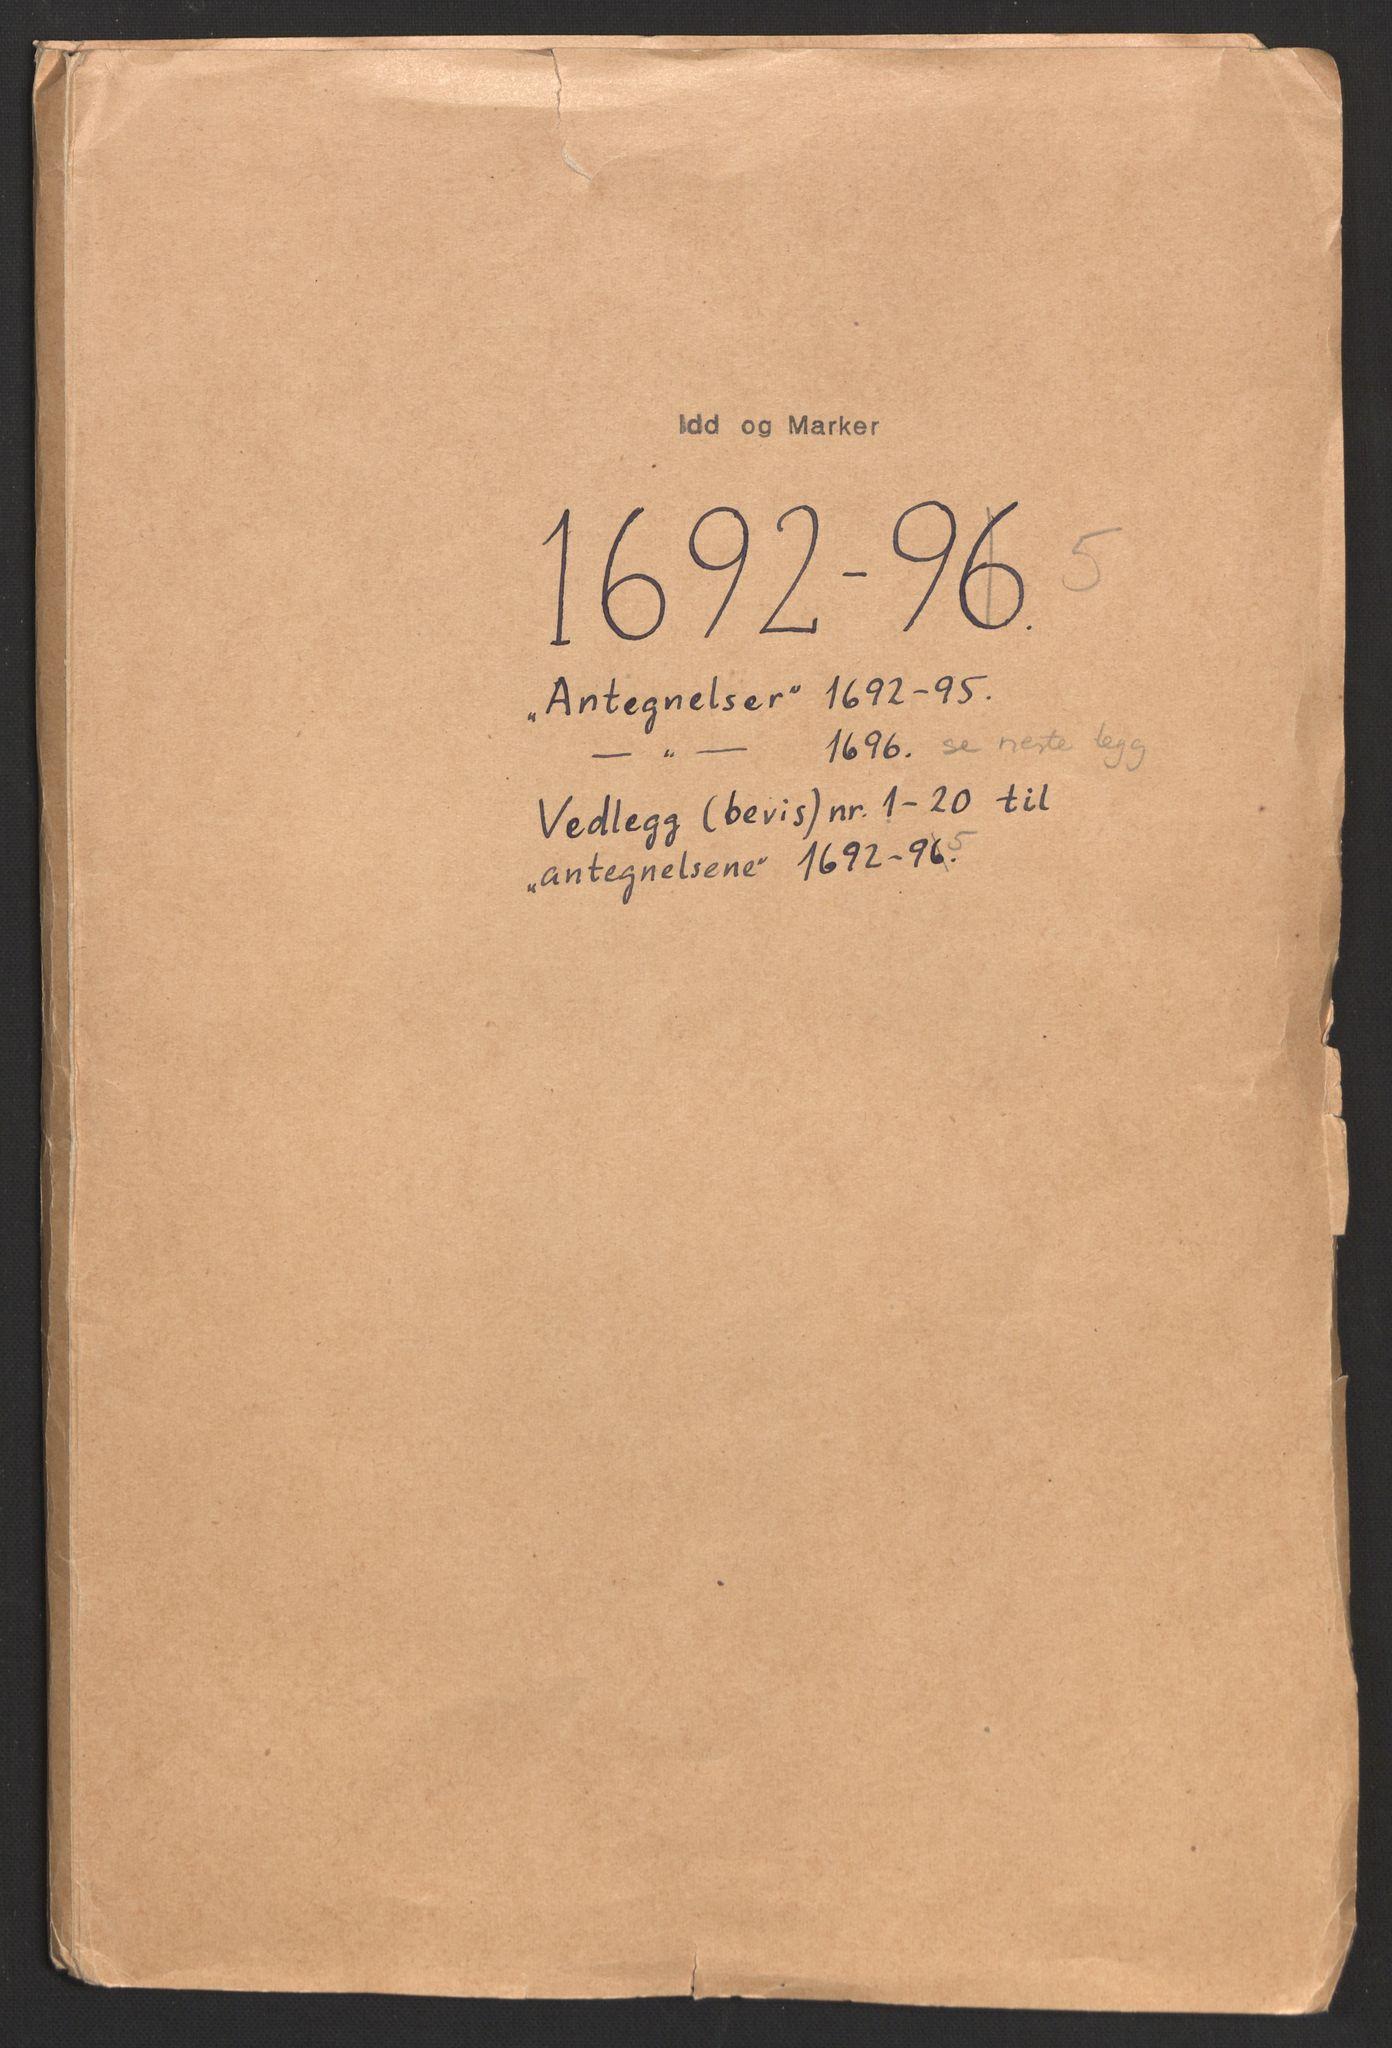 RA, Rentekammeret inntil 1814, Reviderte regnskaper, Fogderegnskap, R01/L0013: Fogderegnskap Idd og Marker, 1696-1698, s. 2